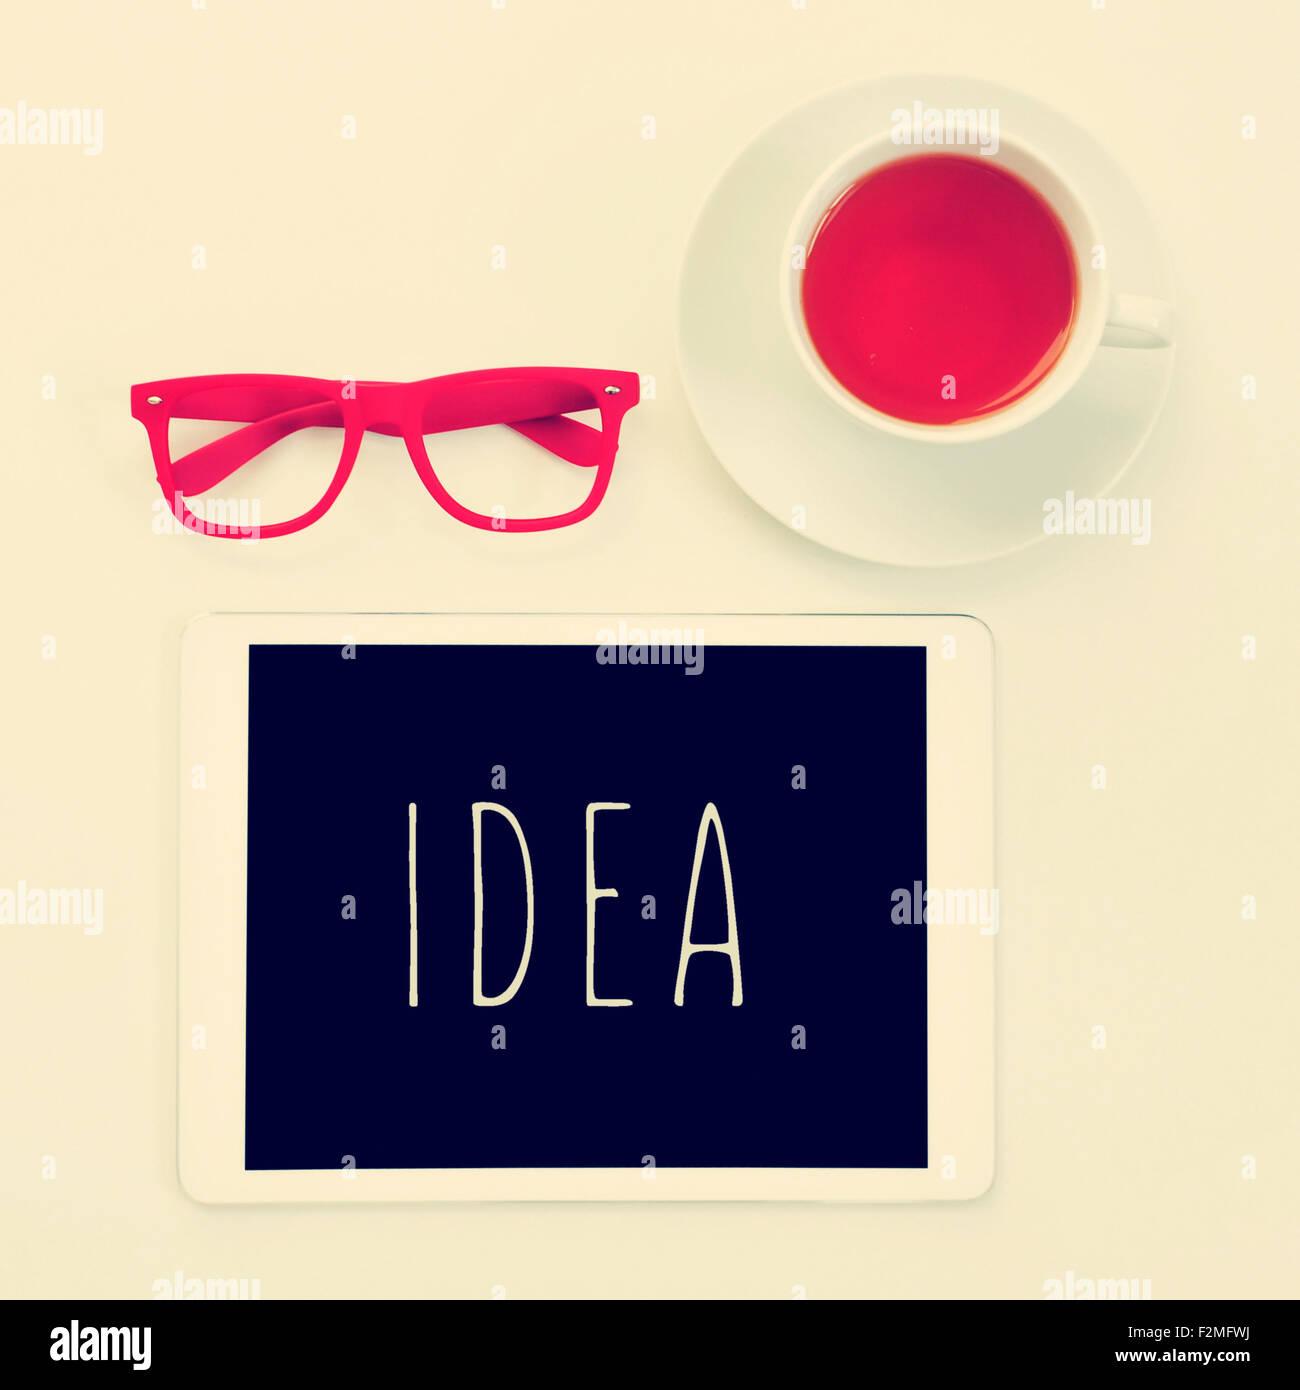 Capture d'un grand angle d'une table avec une paire de lunettes cerclées de rouge en plastique, une tasse de thé Banque D'Images